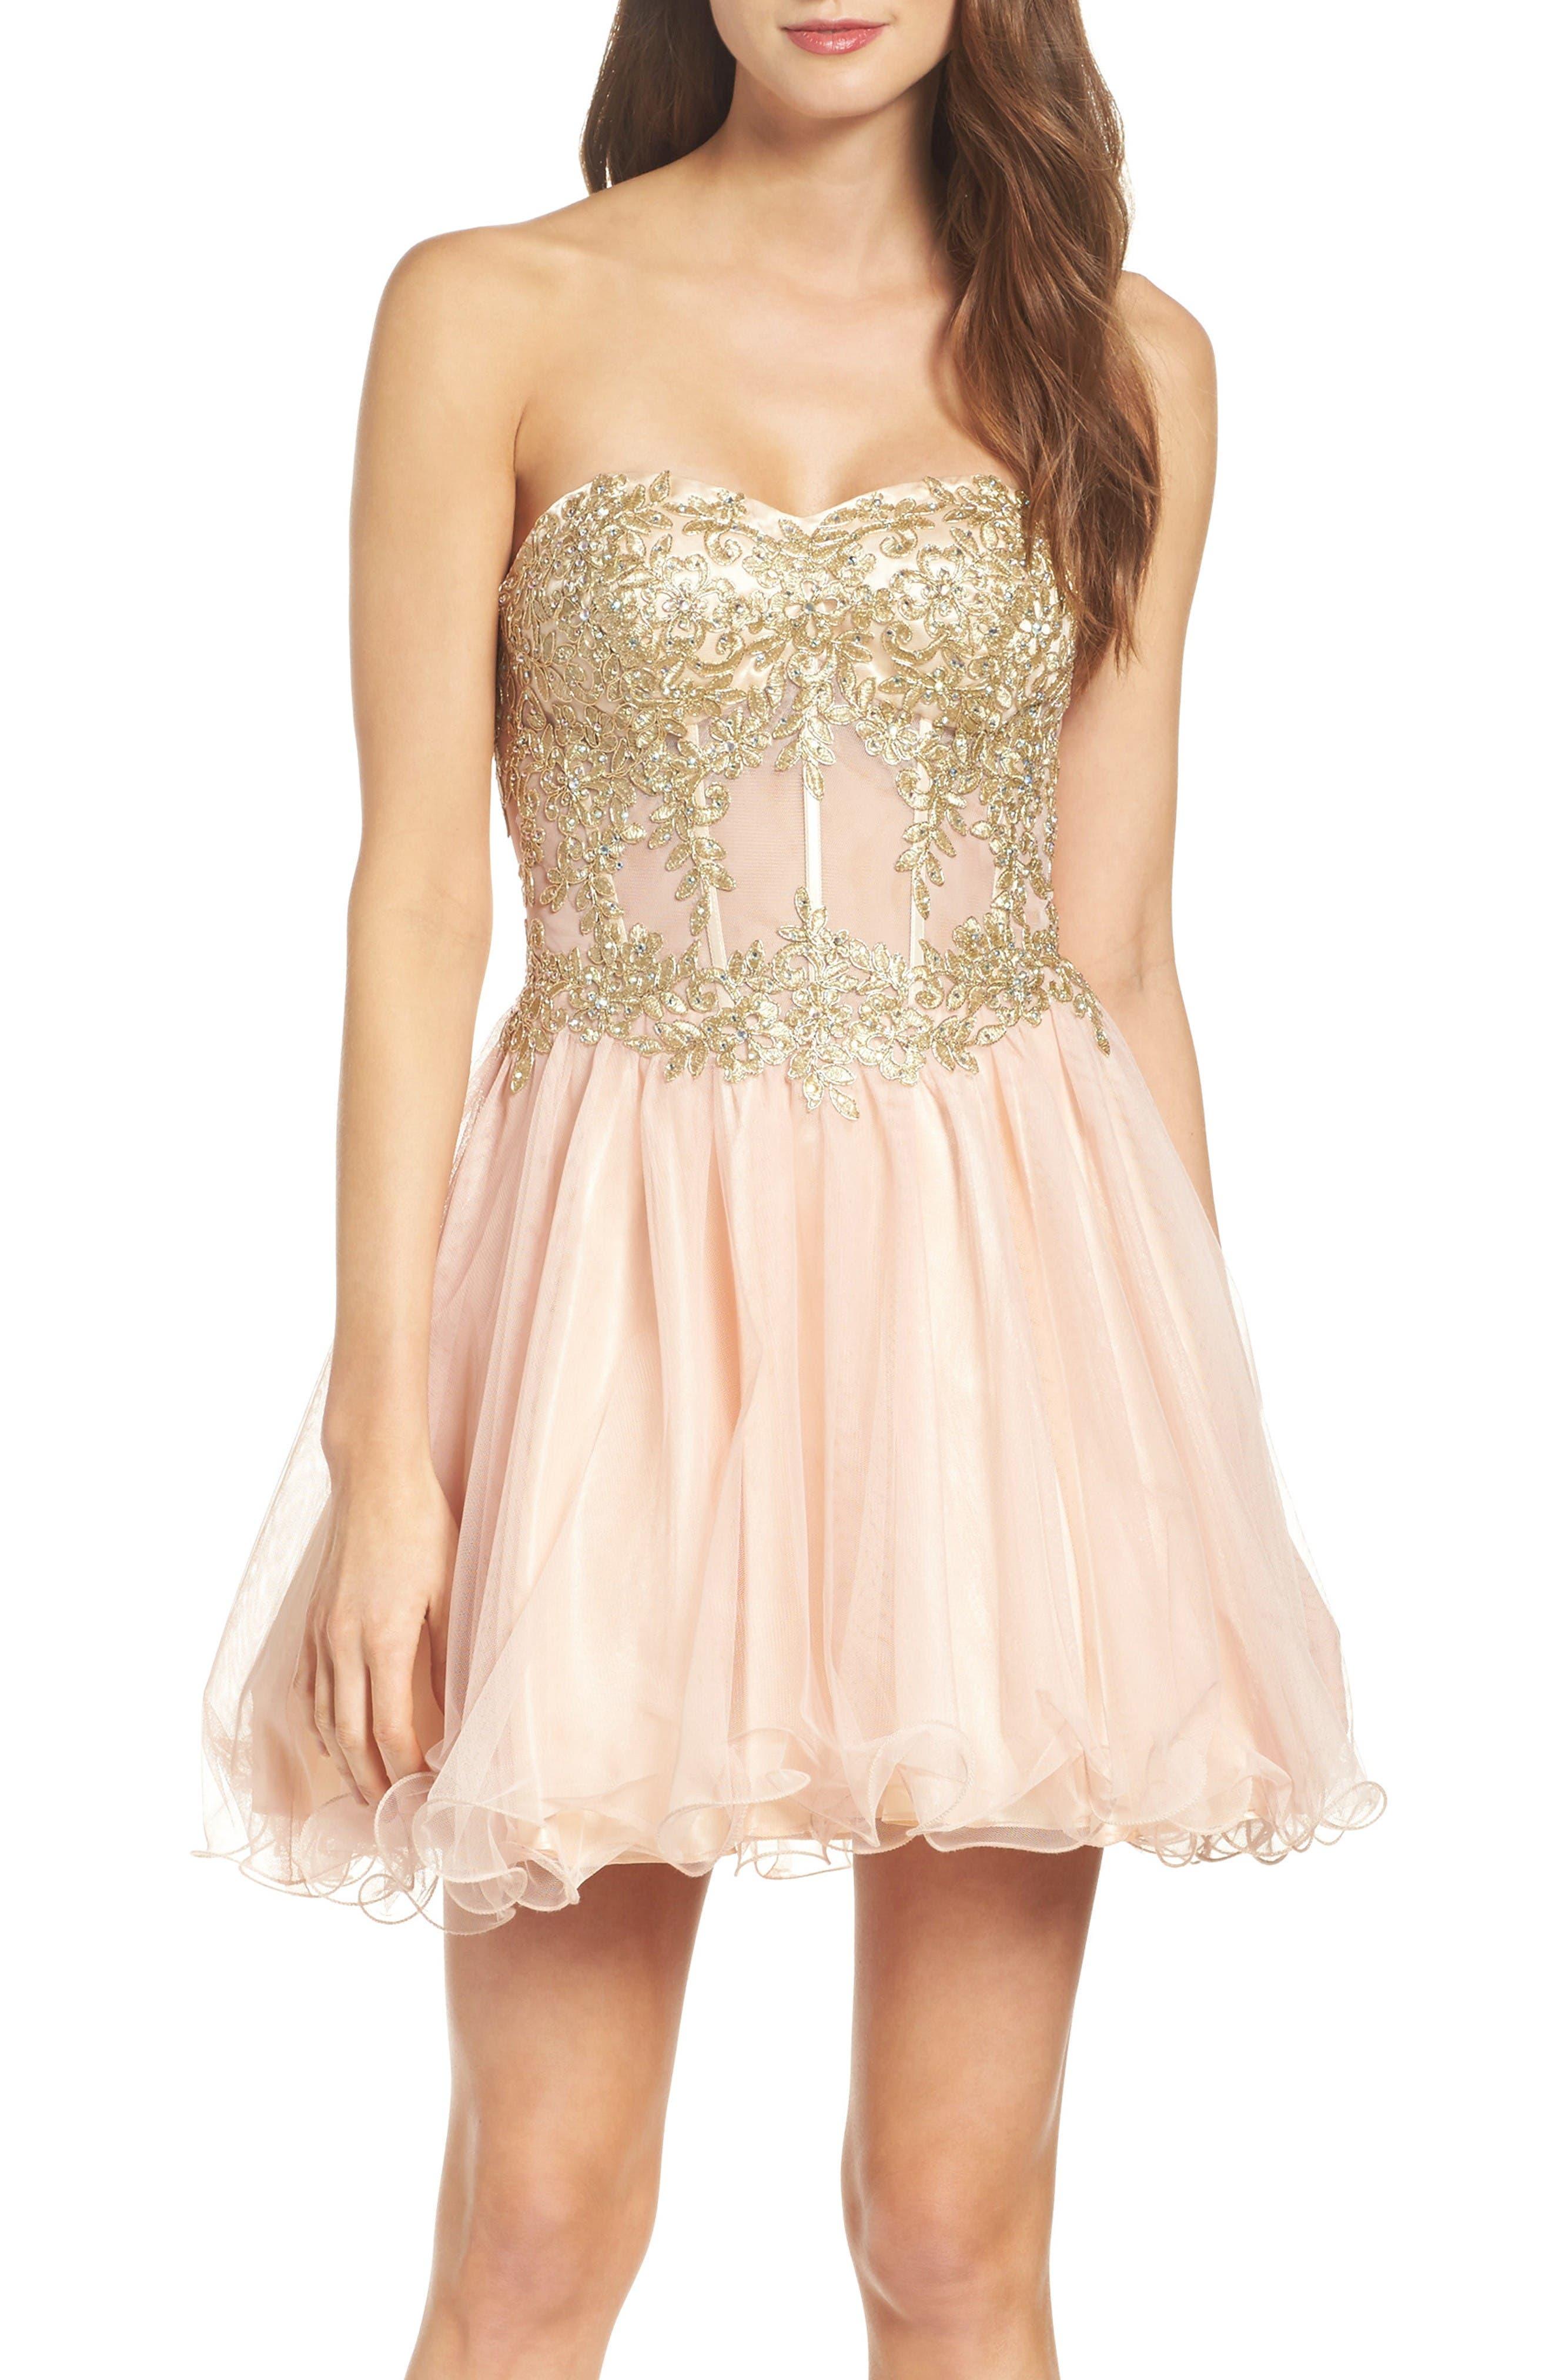 Main Image - Blondie Nites Strapless Bustier Dress